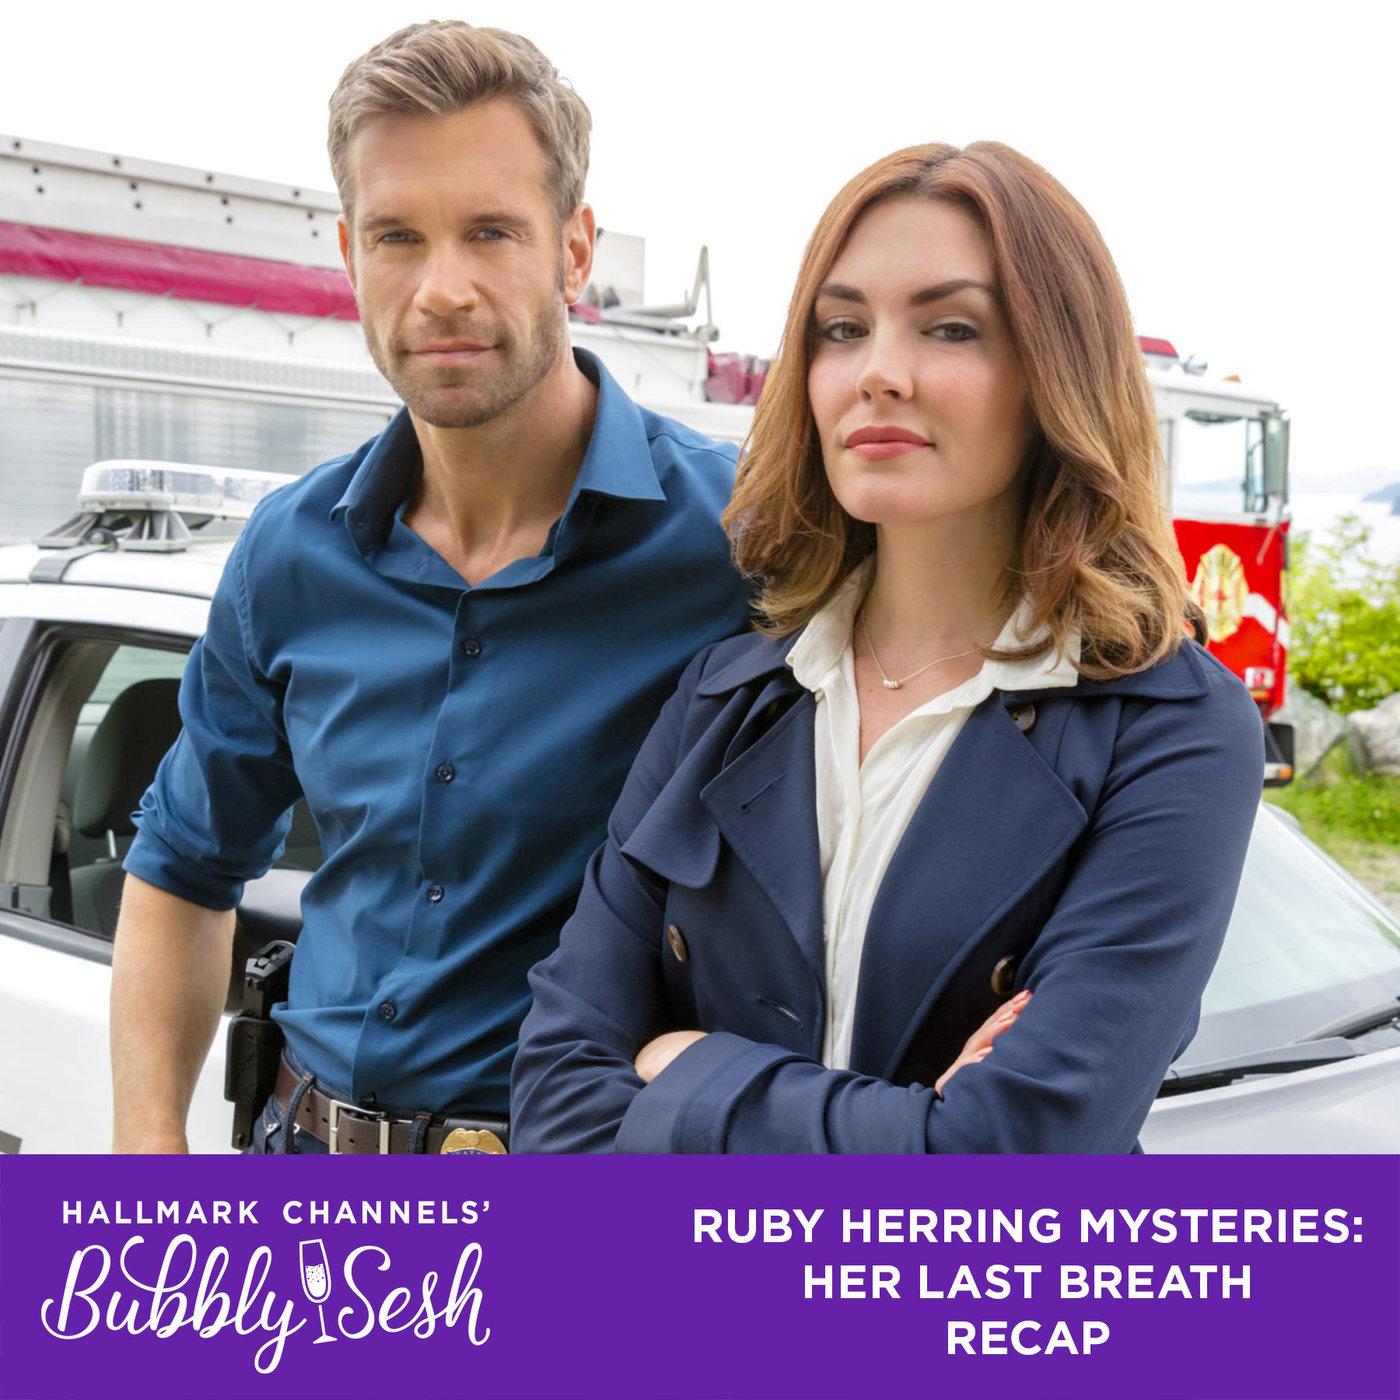 Ruby Herring Mysteries: Her Last Breath Recap